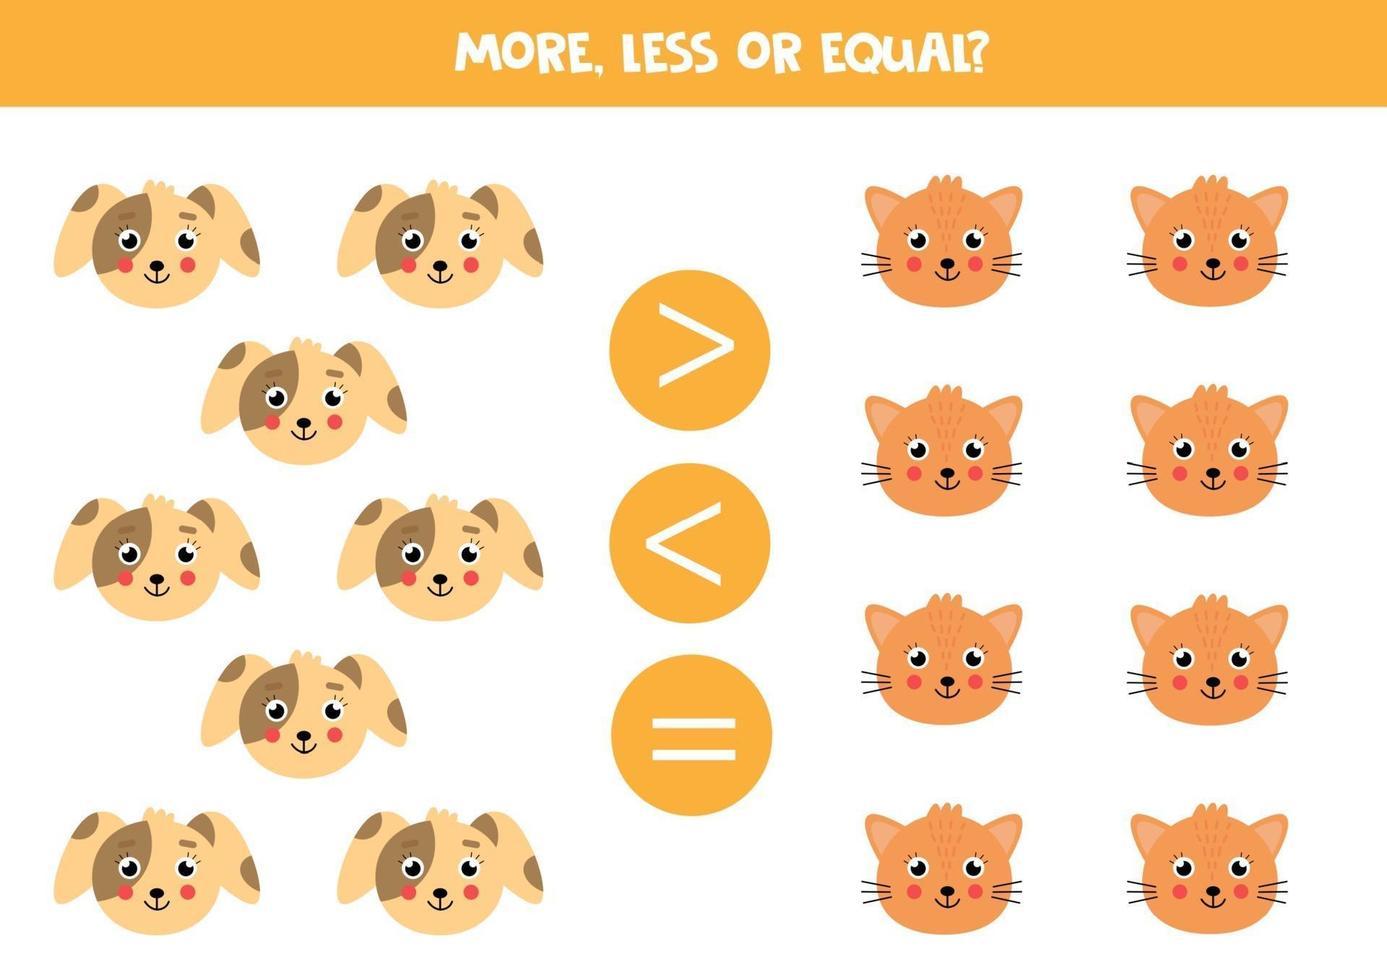 jämförelse för barn. mer, mindre med tecknad katt och hund ansikten. vektor